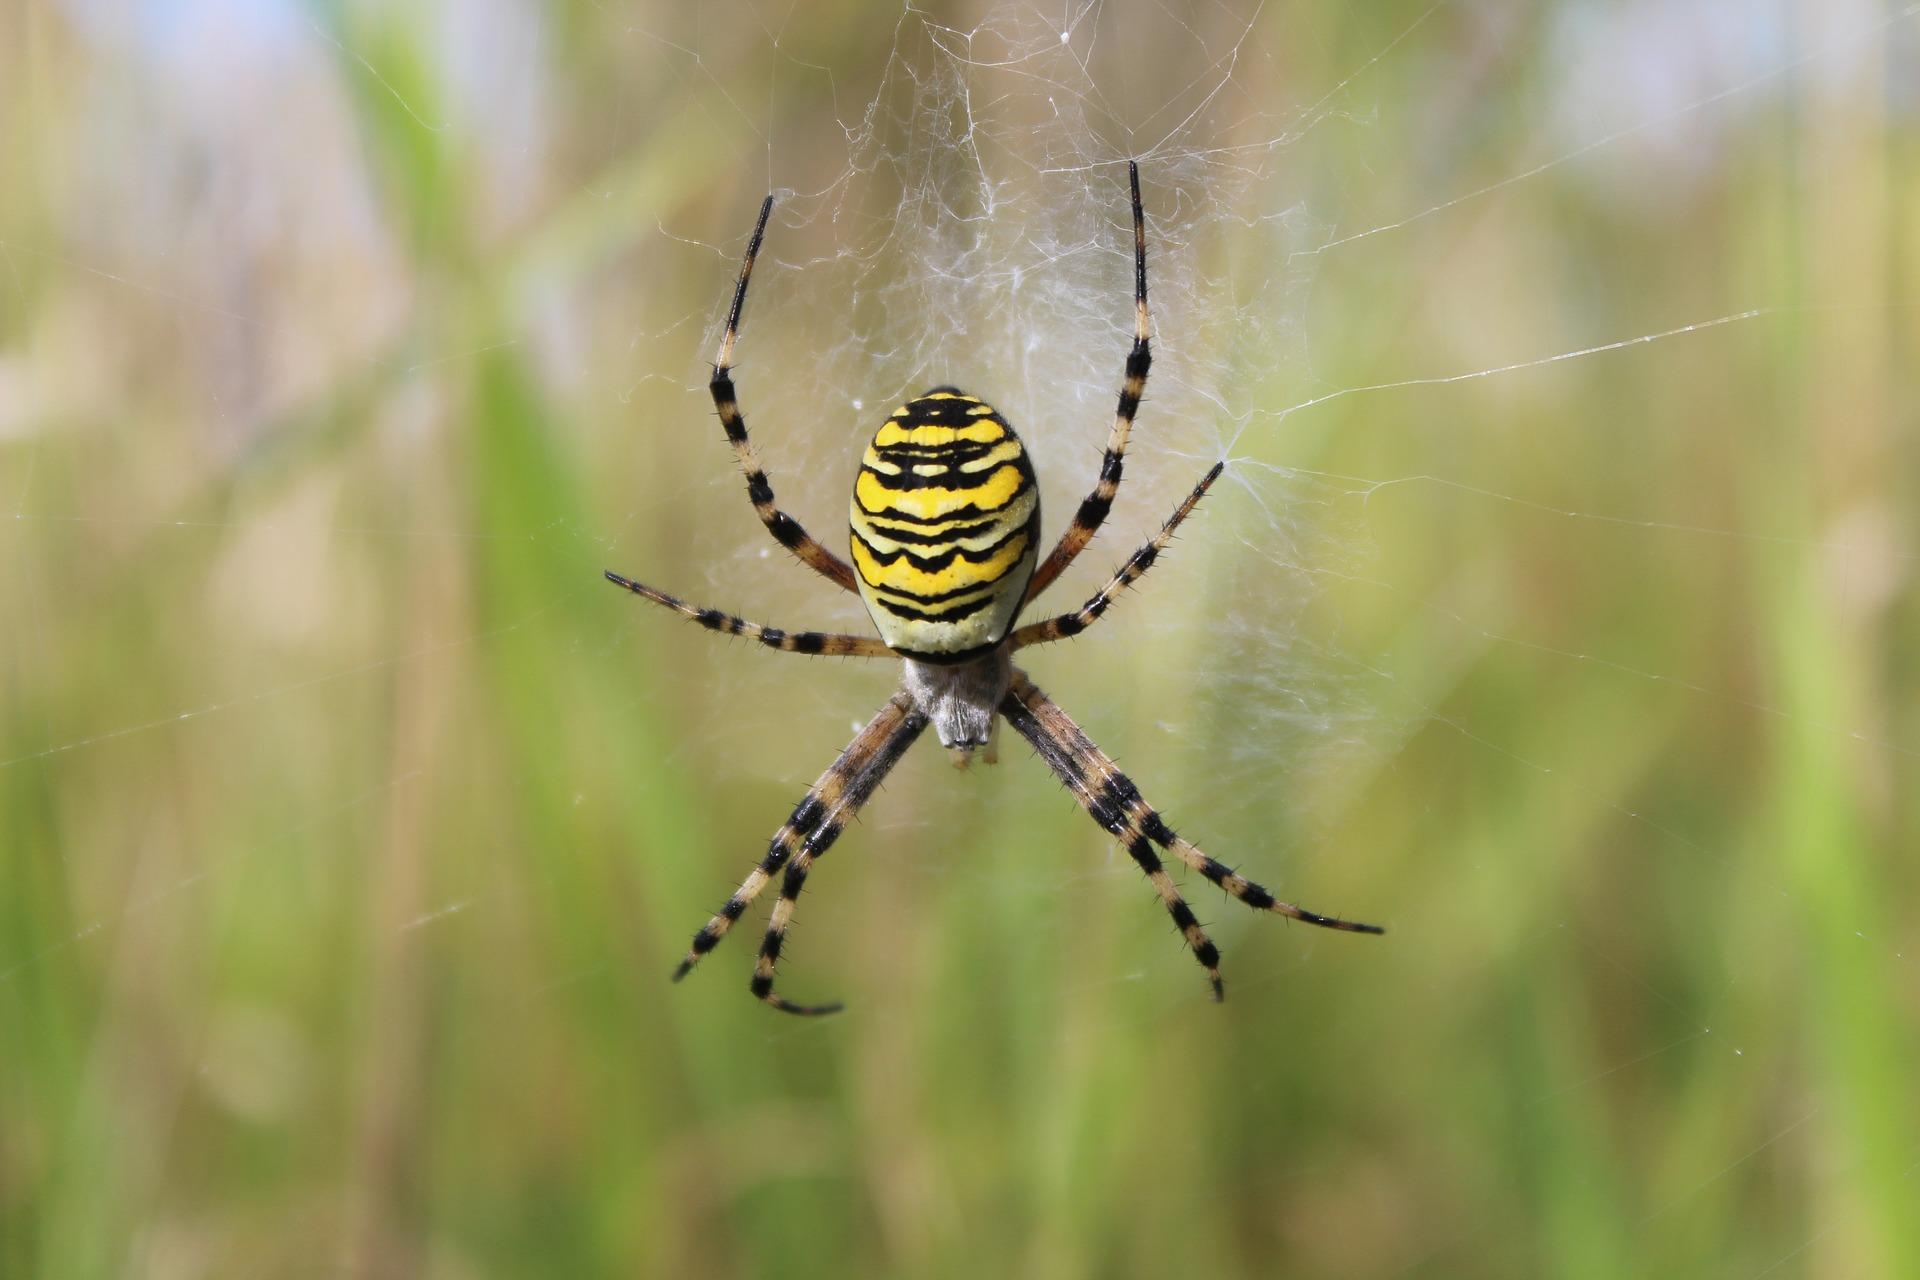 spider-3348779_1920